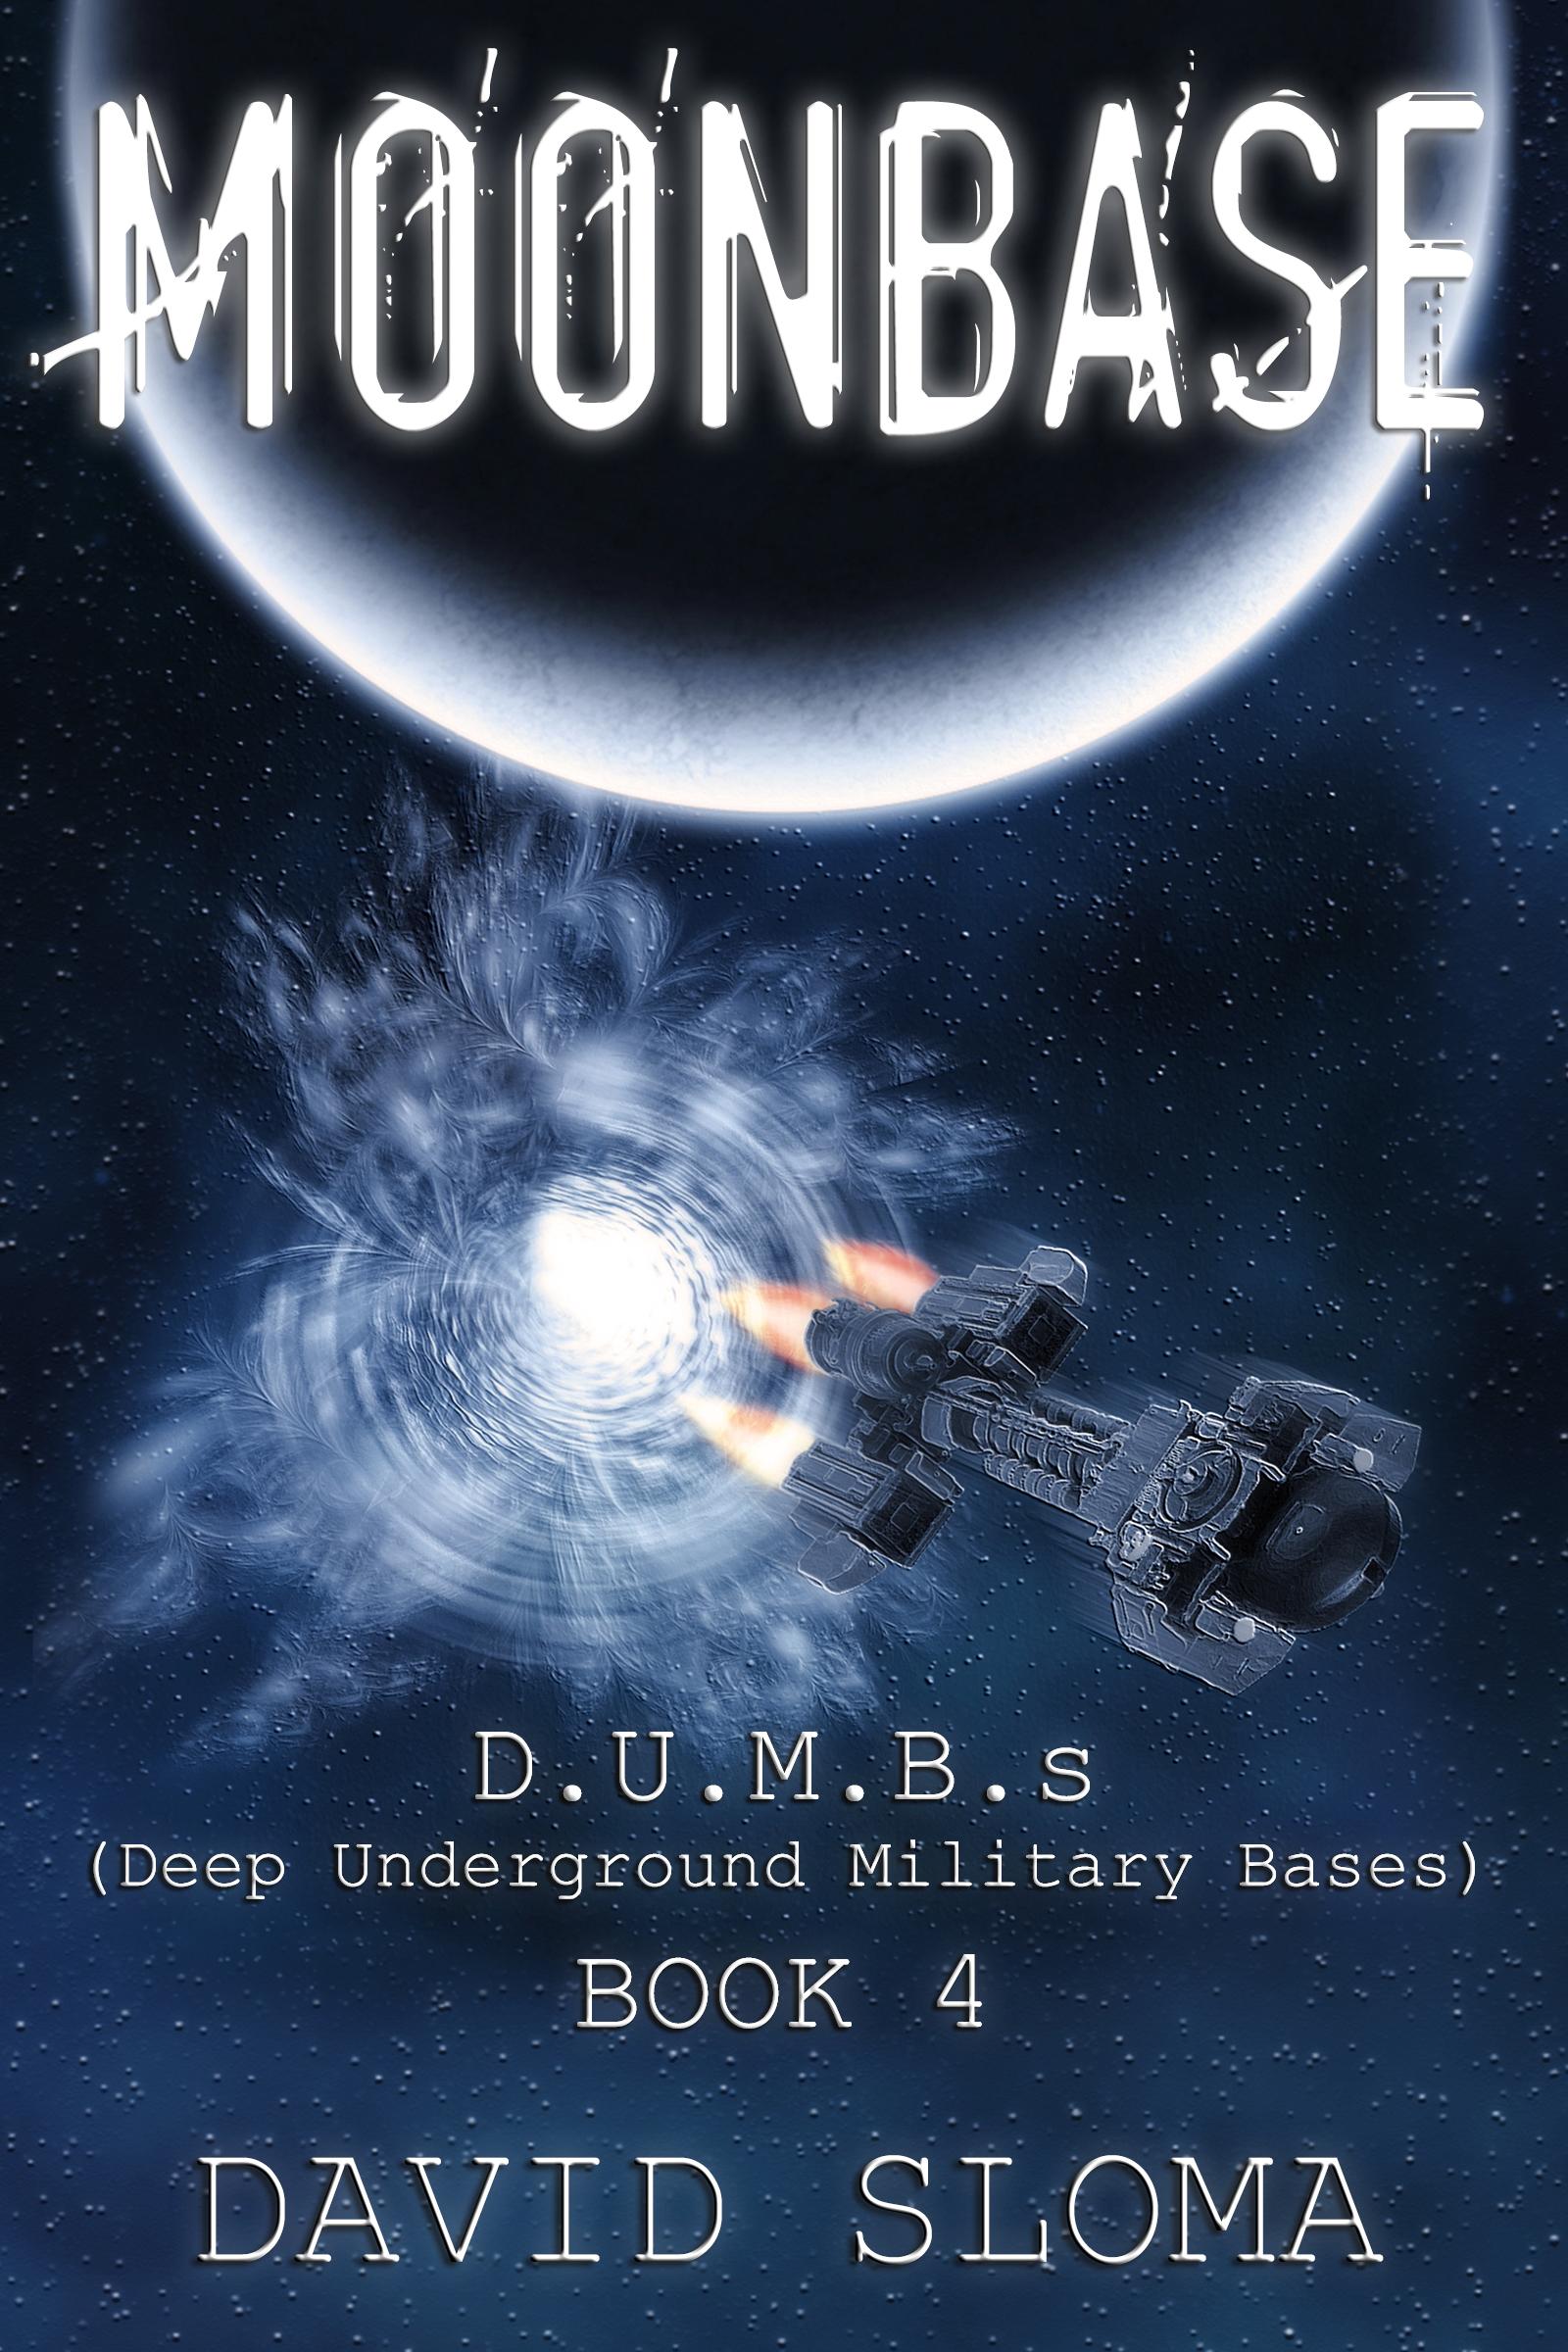 Moonbase ebook